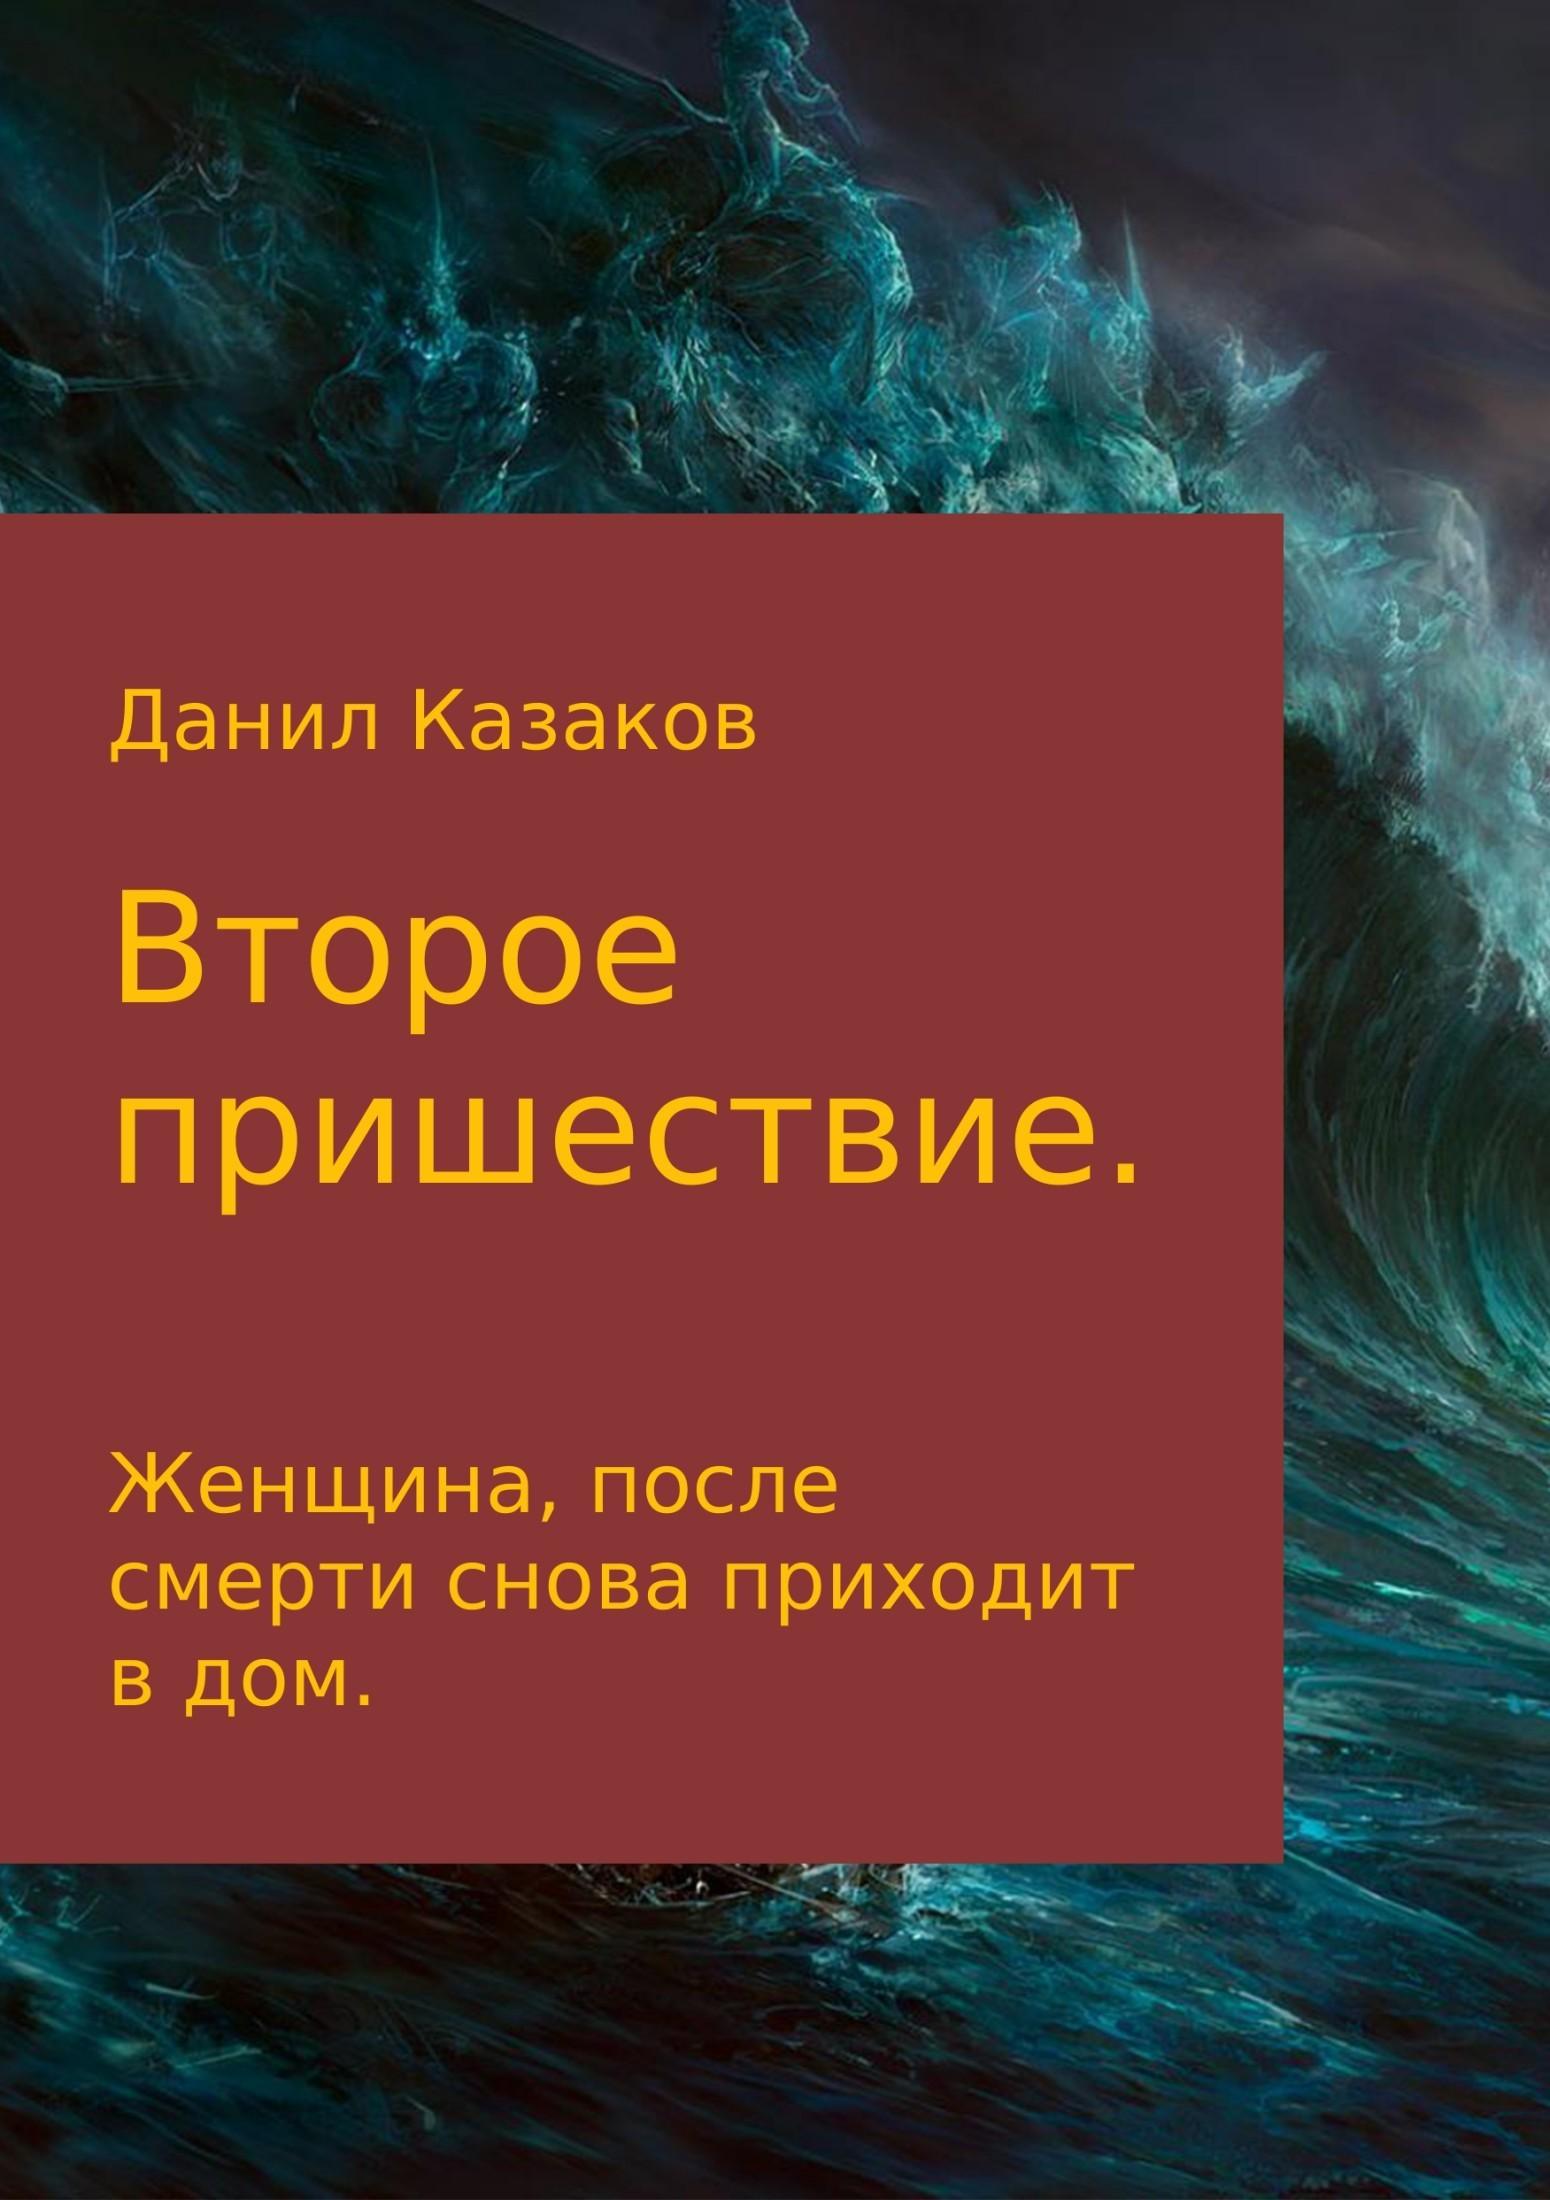 Данил Васильевич Казаков Второе пришествие данил васильевич казаков монтекки и капулетти